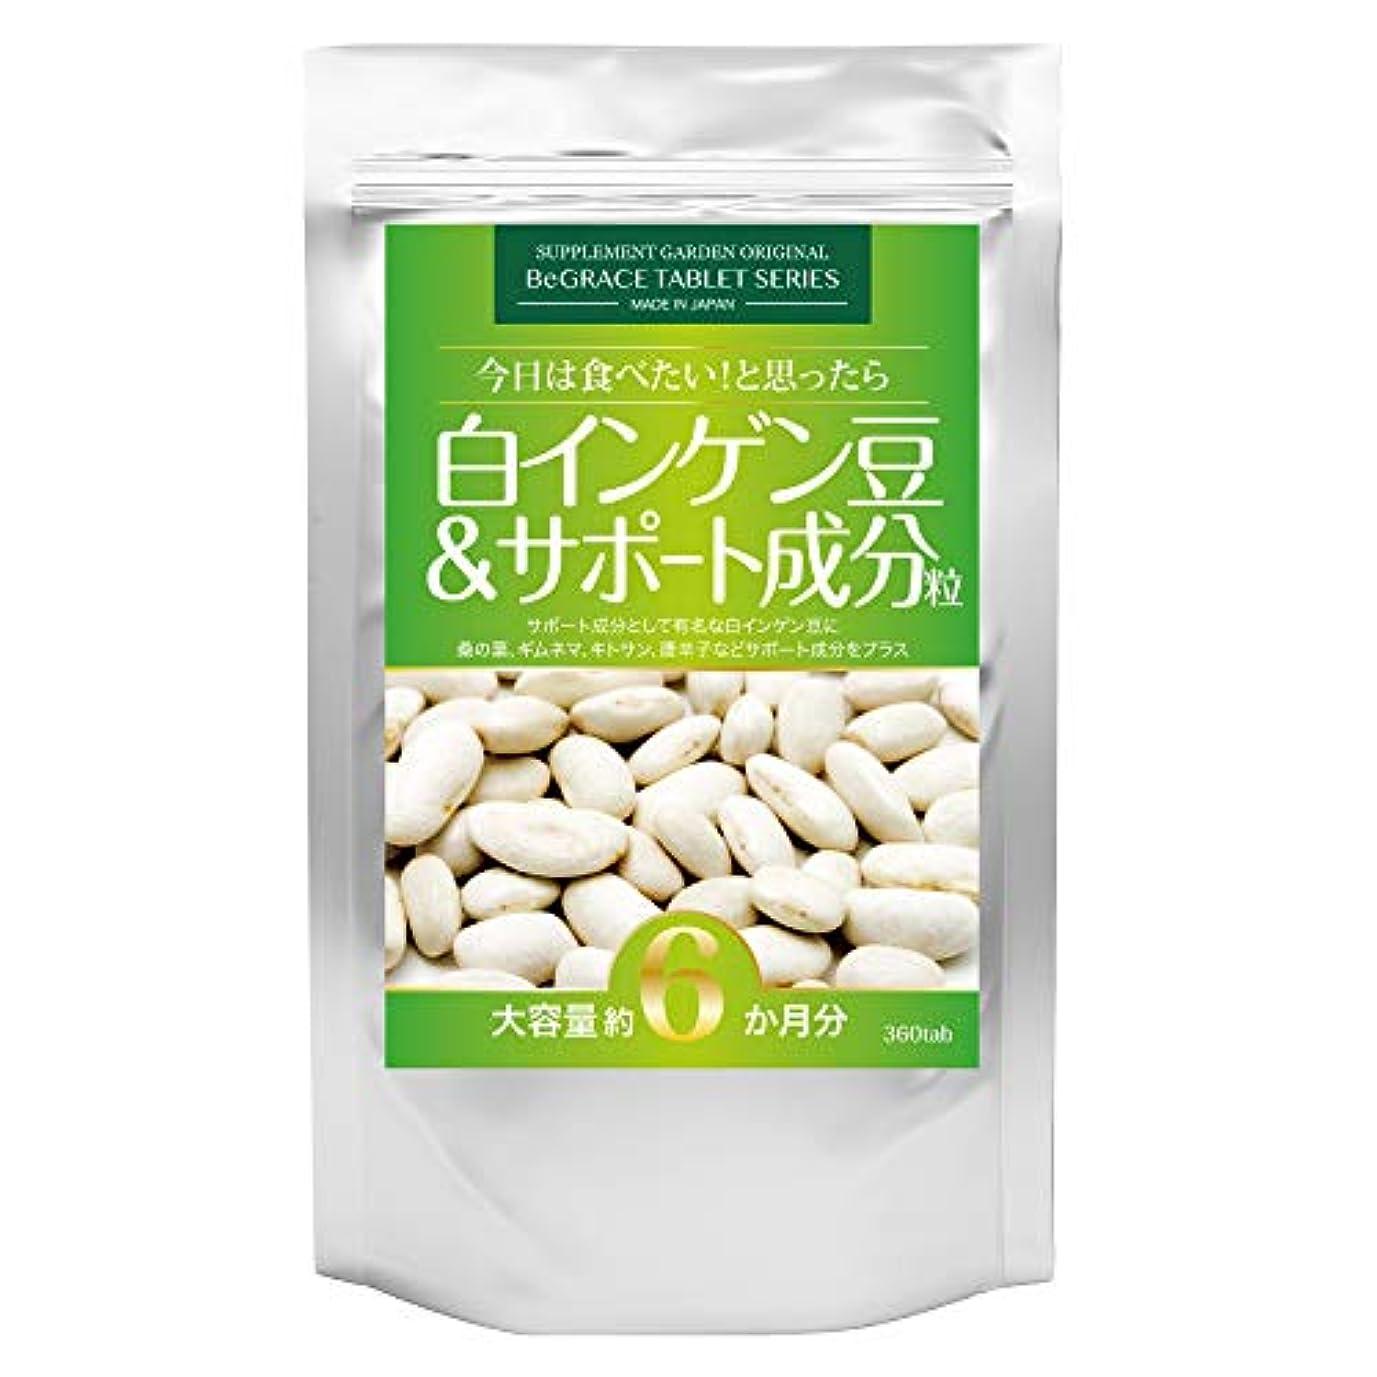 大理石小切手証言白インゲン豆&サポート成分粒 大容量約6ヶ月分/360粒(白インゲン豆?桑の葉?ギムネマ?キトサン?唐辛子)